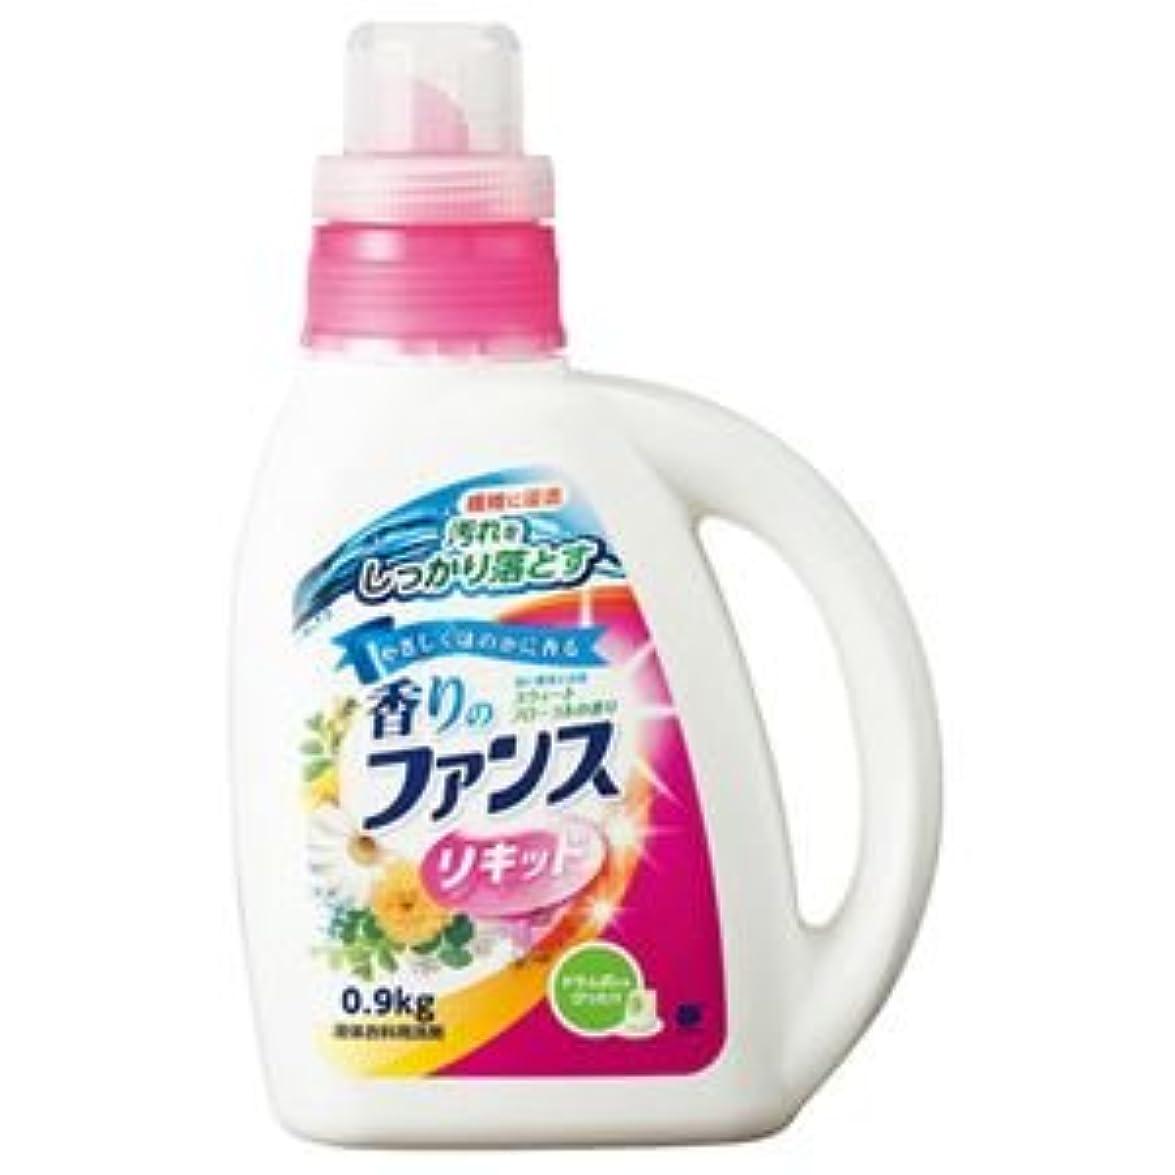 コメンテータースラムレンジ(まとめ) 第一石鹸 香りのファンス 液体衣料用洗剤リキッド 本体 0.9kg 1本 【×10セット】